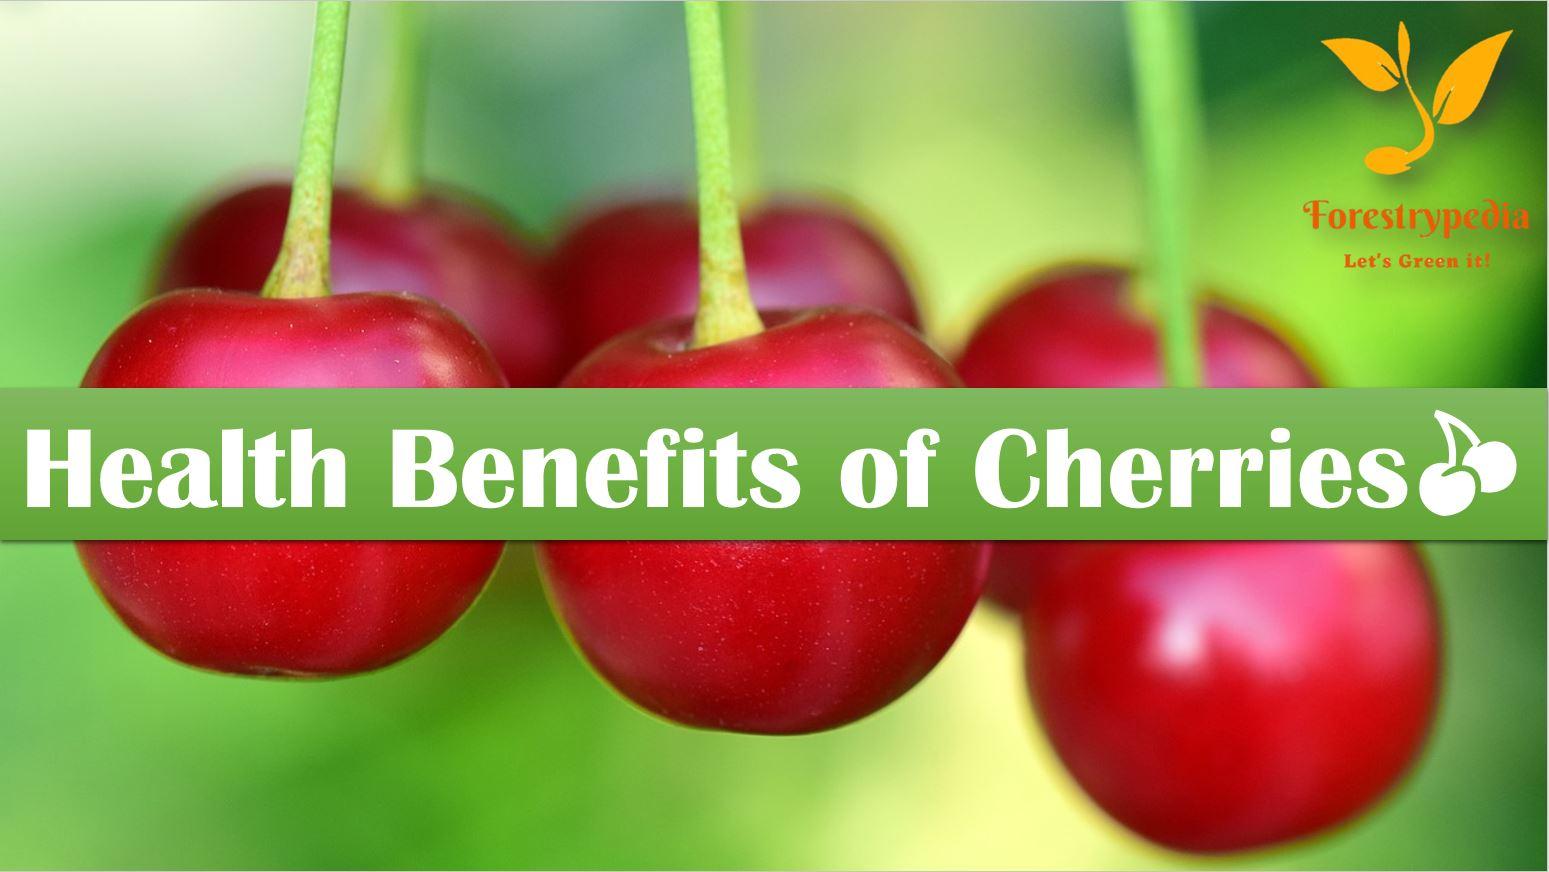 5 Health Benefits of Cherries - Forestrypedia